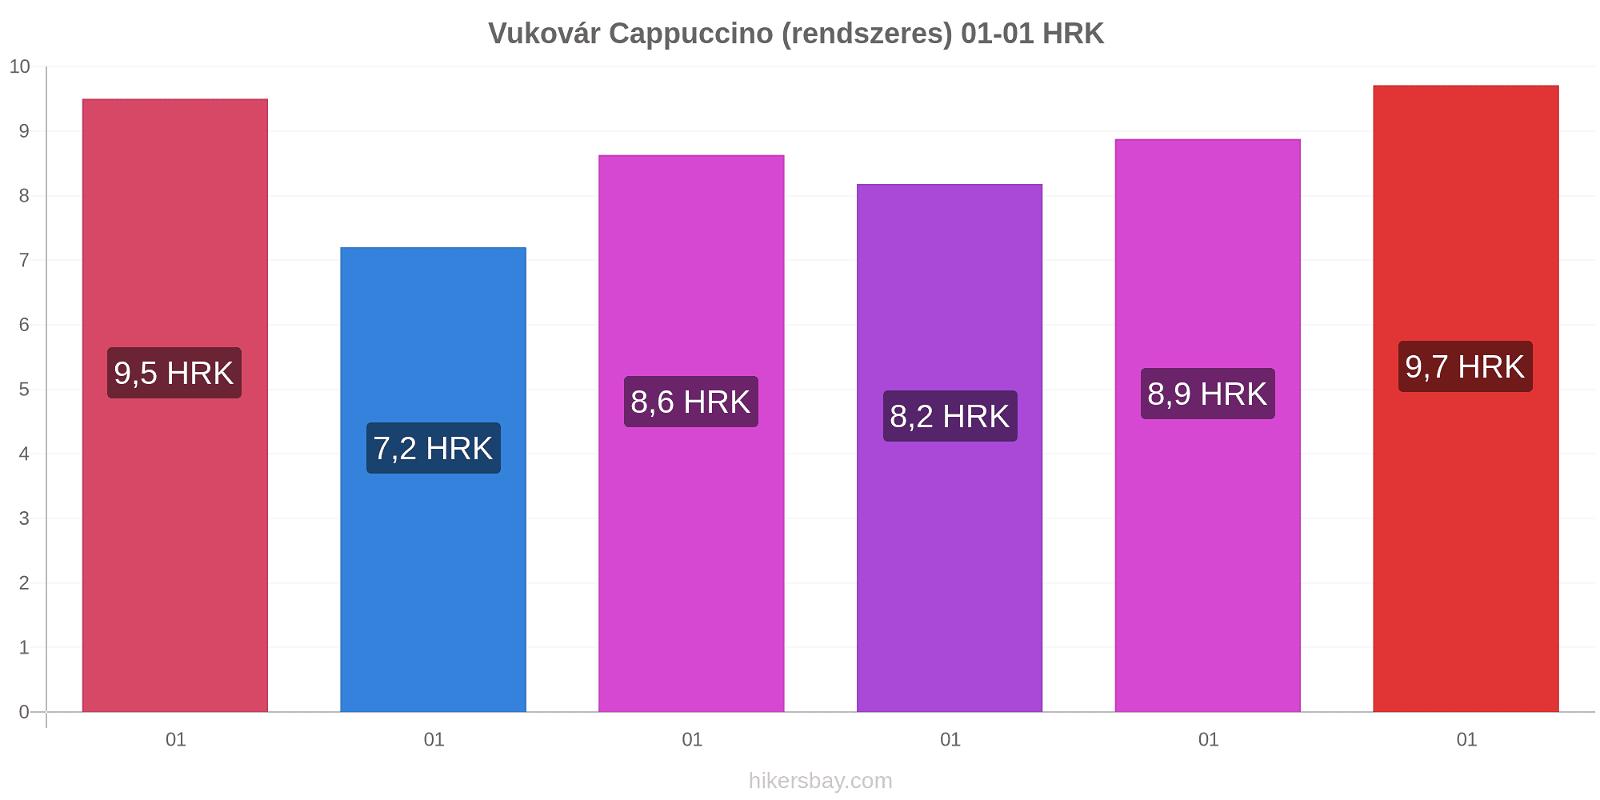 Vukovár árváltozások Cappuccino (rendszeres) hikersbay.com